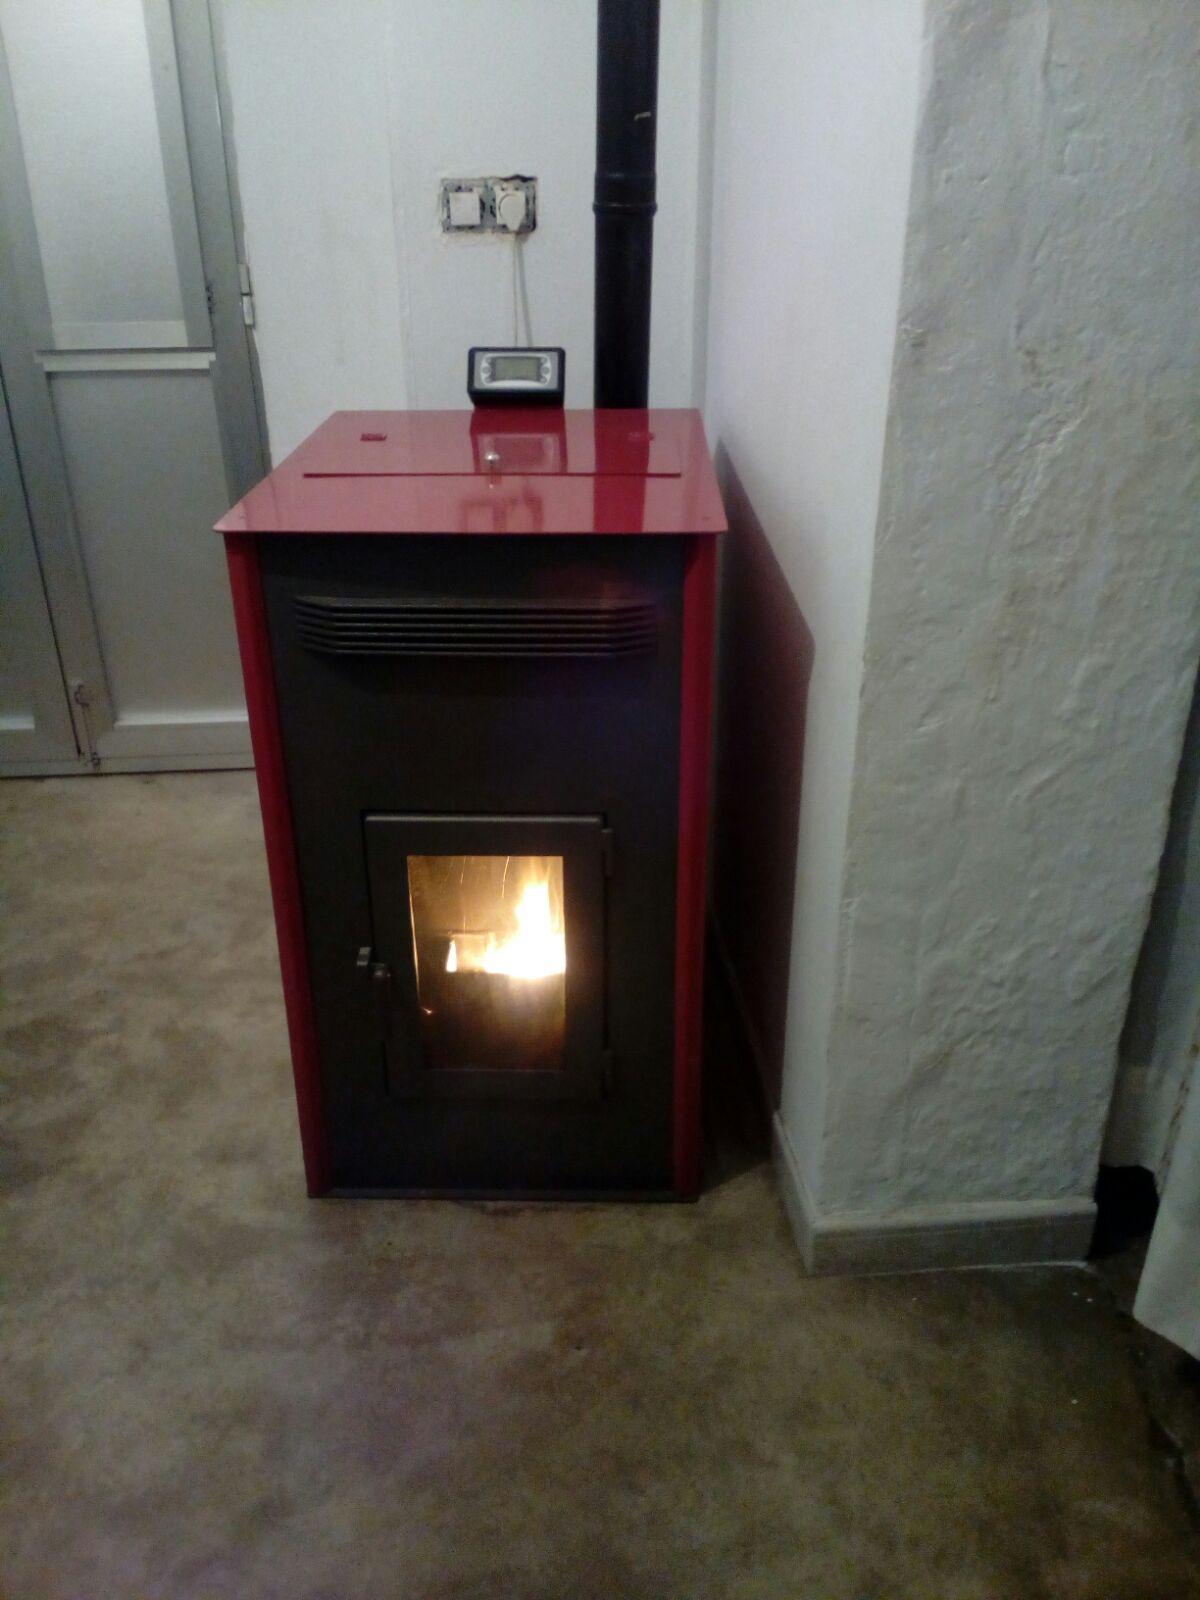 Fabrica distribución de chimeneas calderas Extremadura Sertec